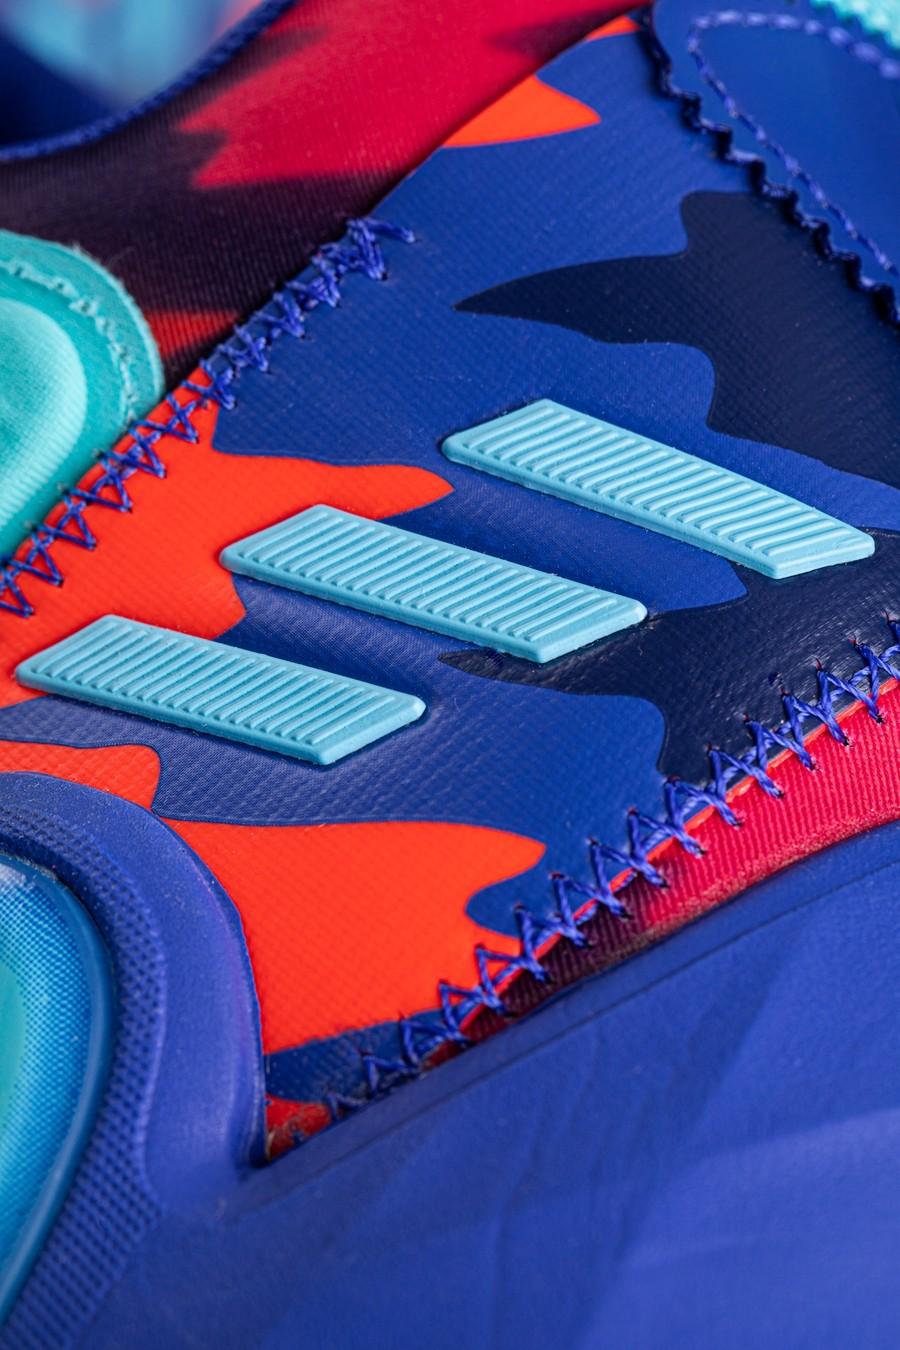 奉献,近乎,完美,表现,率领,犹他,爵士,队,称霸,  第三代「蜘蛛侠」签名鞋:缓震配置升级,还是中国限定!